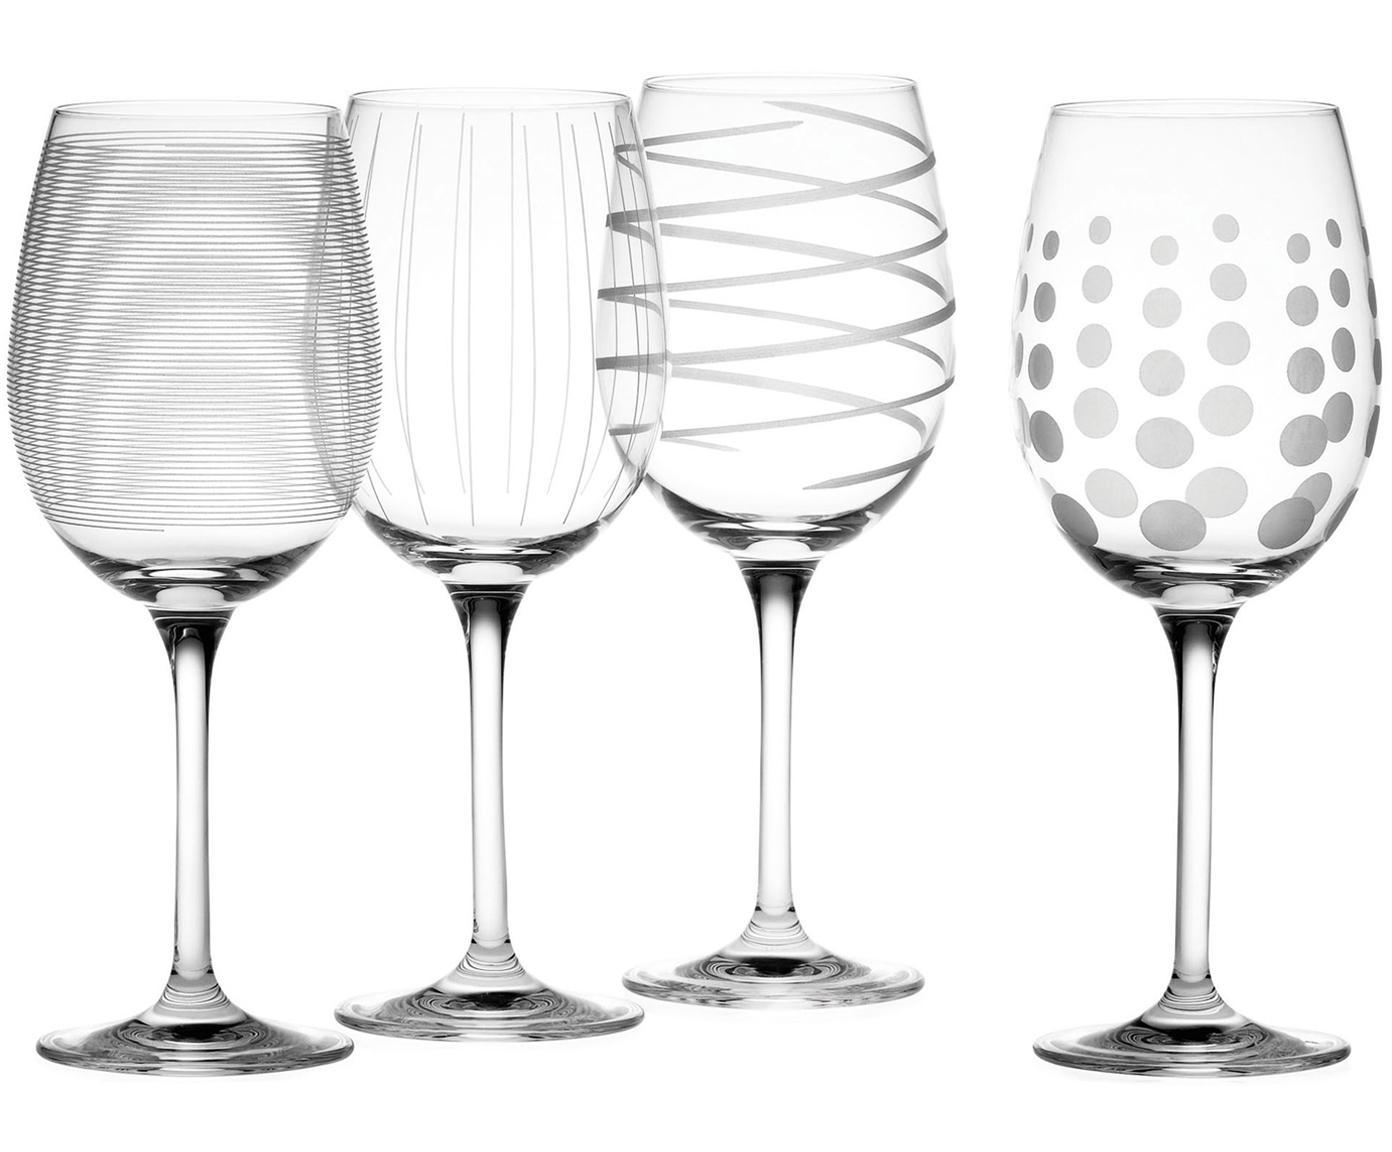 Kieliszek do białego wina Mikasa, 4 elem., Szkło, Transparentny, odcienie srebrnego, Ø 9 x W 23 cm